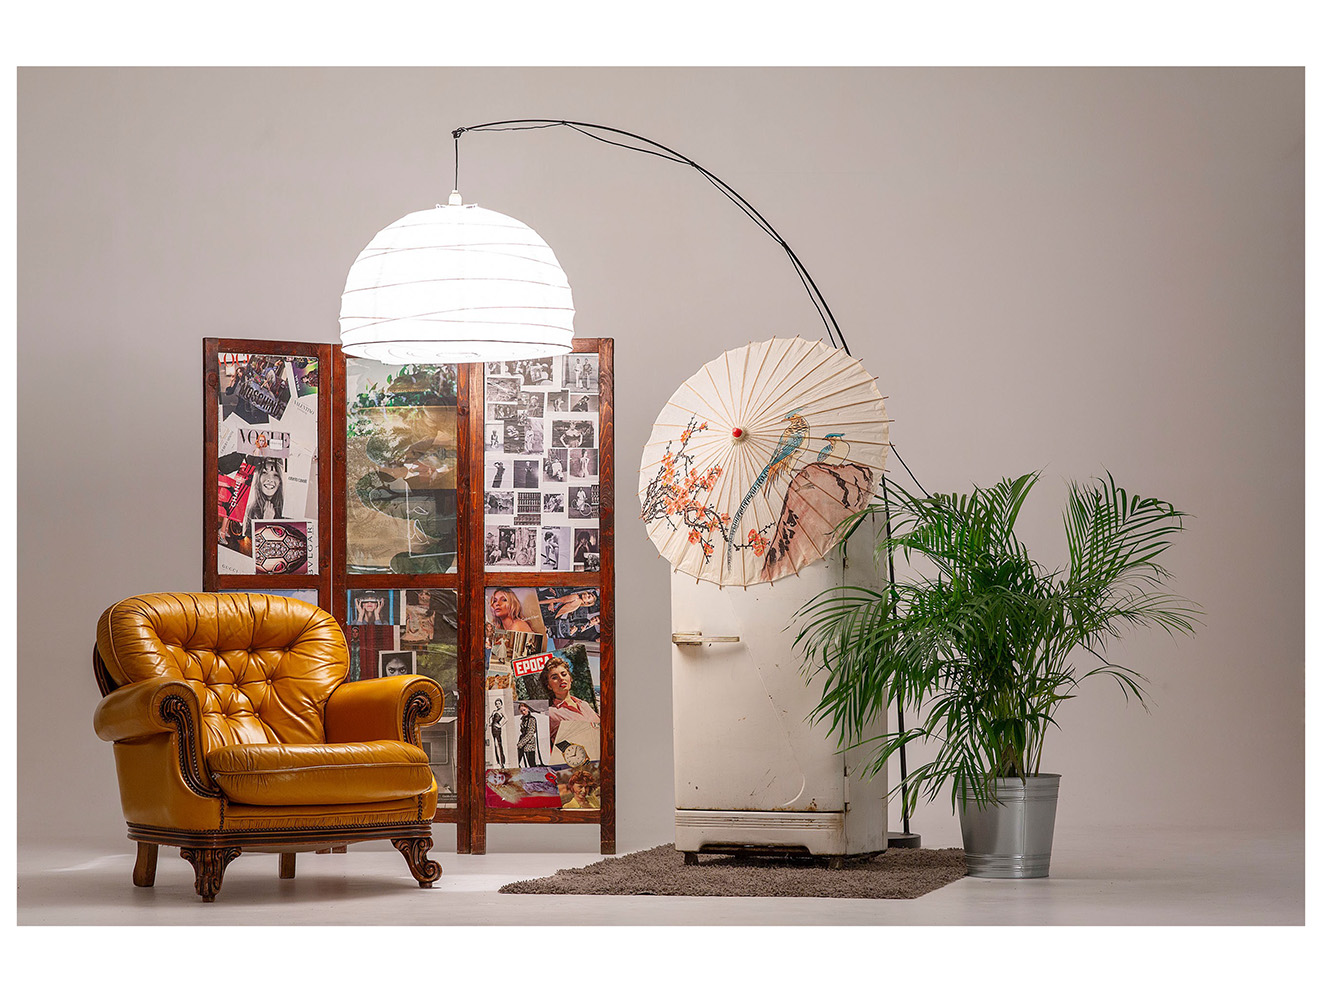 Studio,Location a noleggio Milano